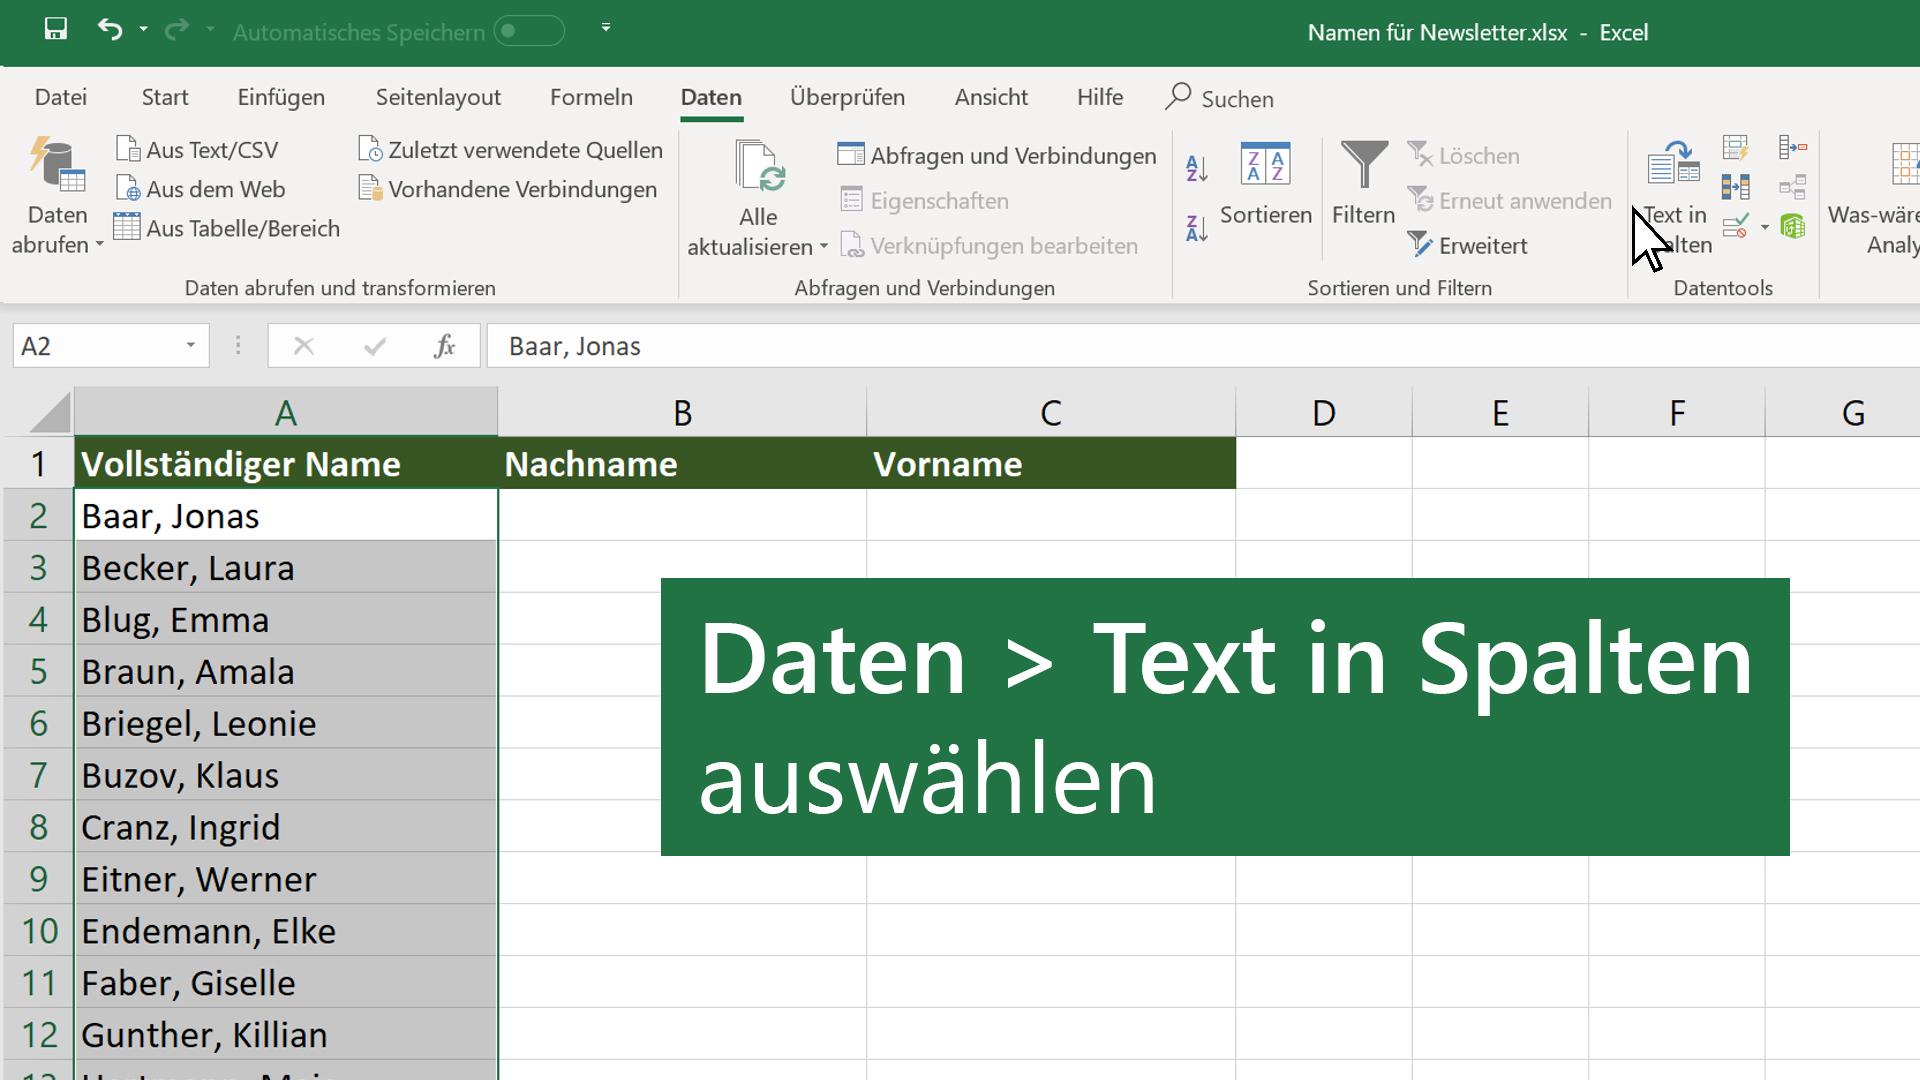 Video: Aufteilen und Kombinieren von Daten - Excel